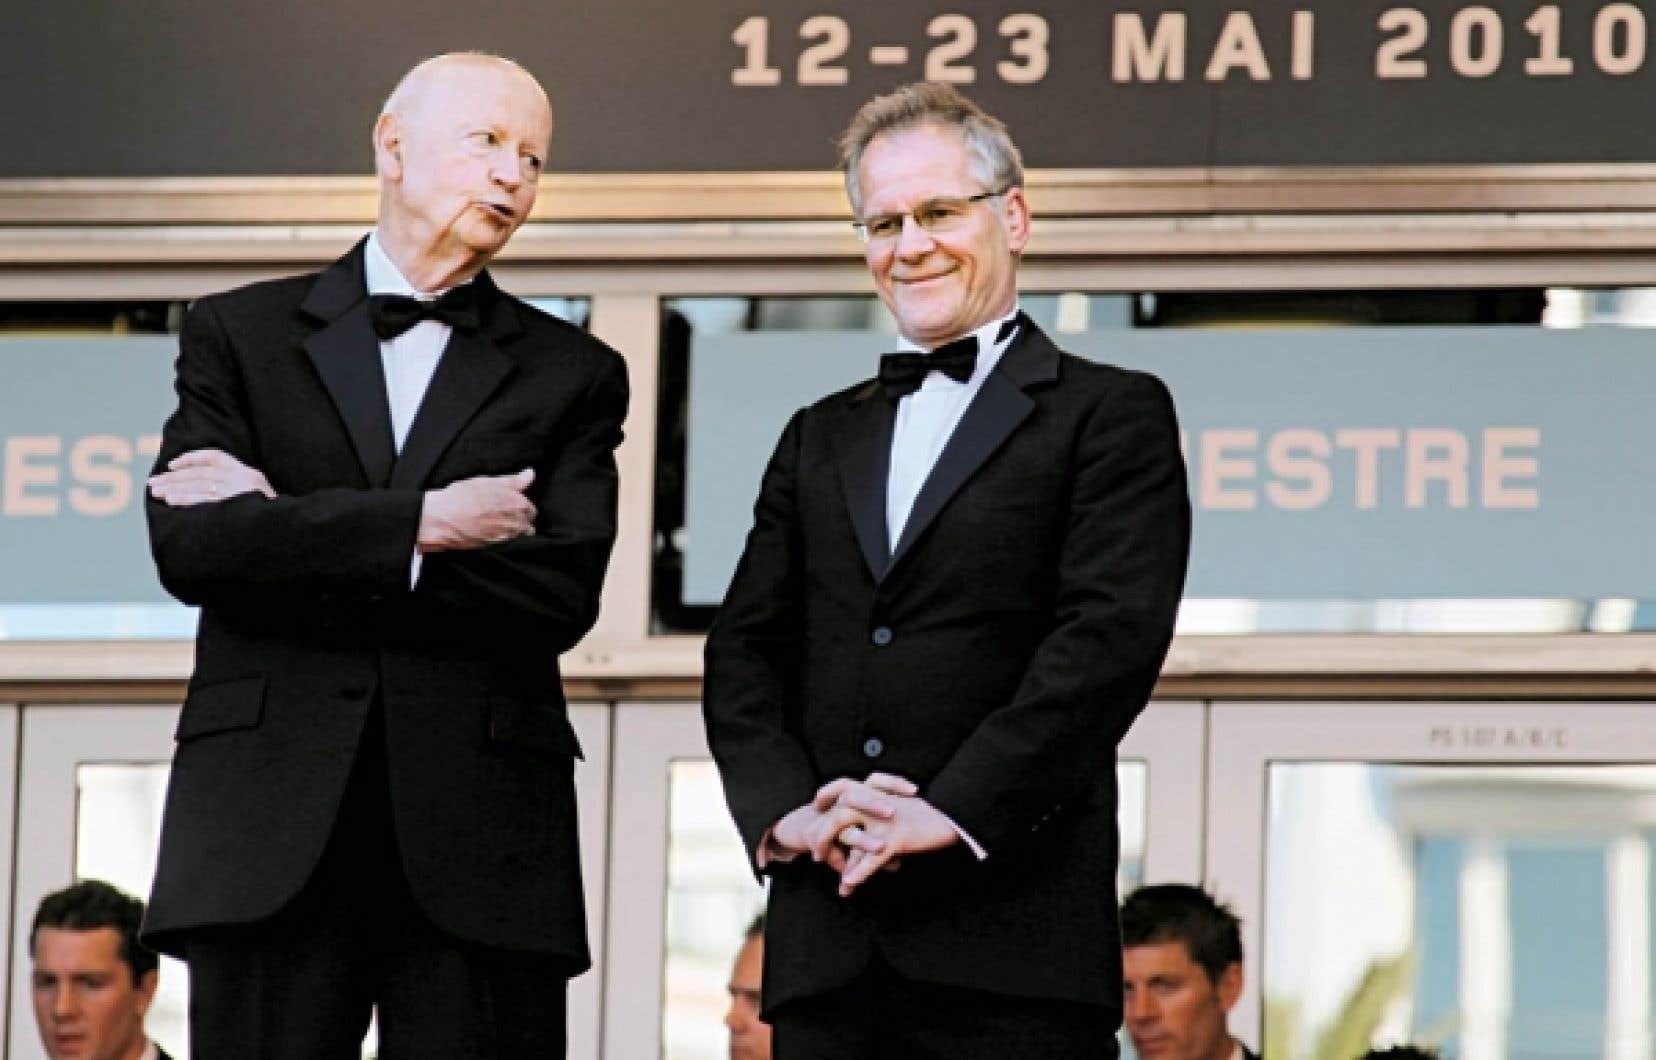 Thierry Frémaux, directeur du Festival de Cannes